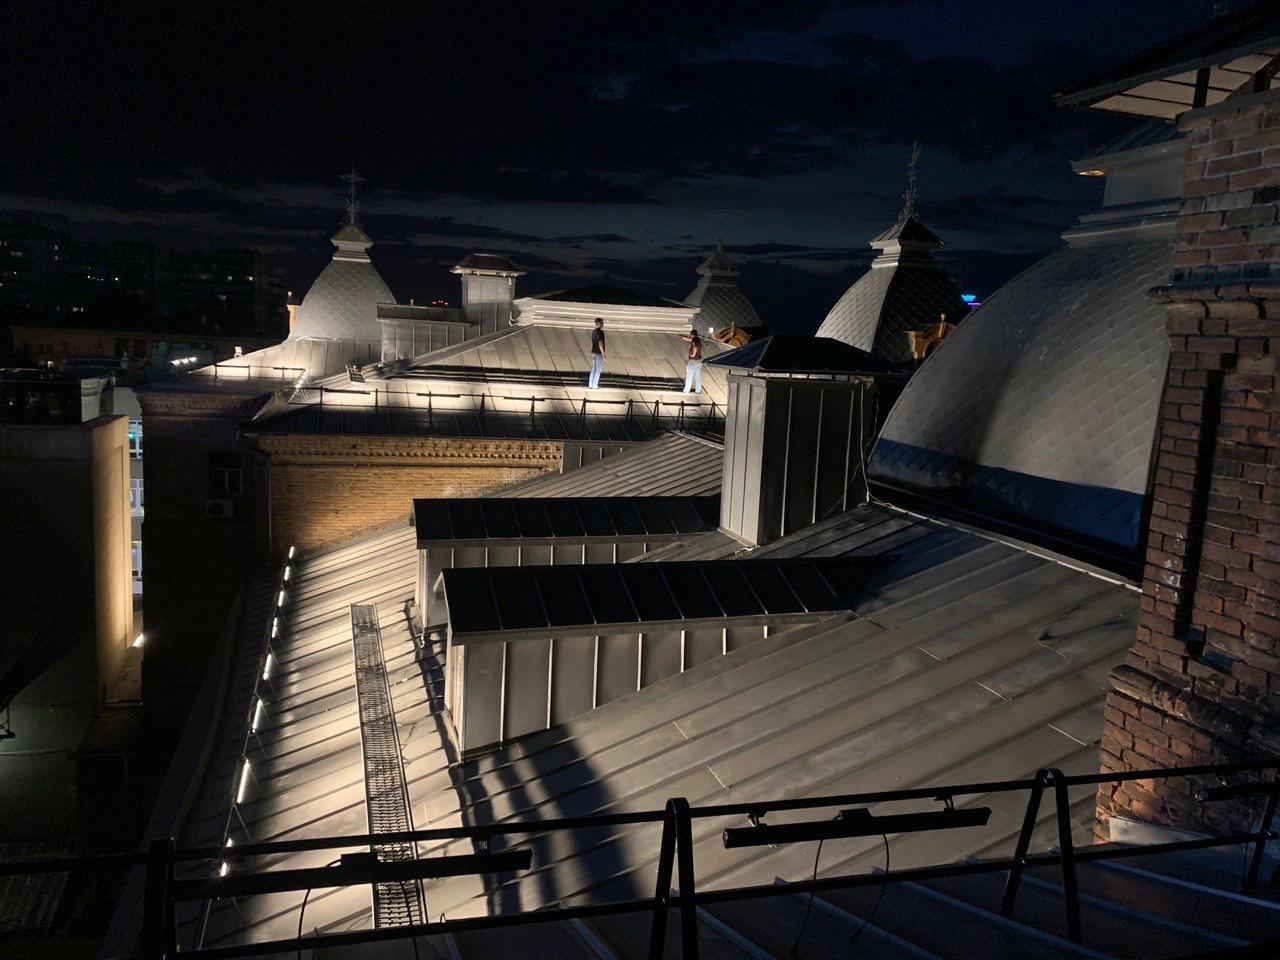 крыша днепропетровского колледжа культуры и искусств